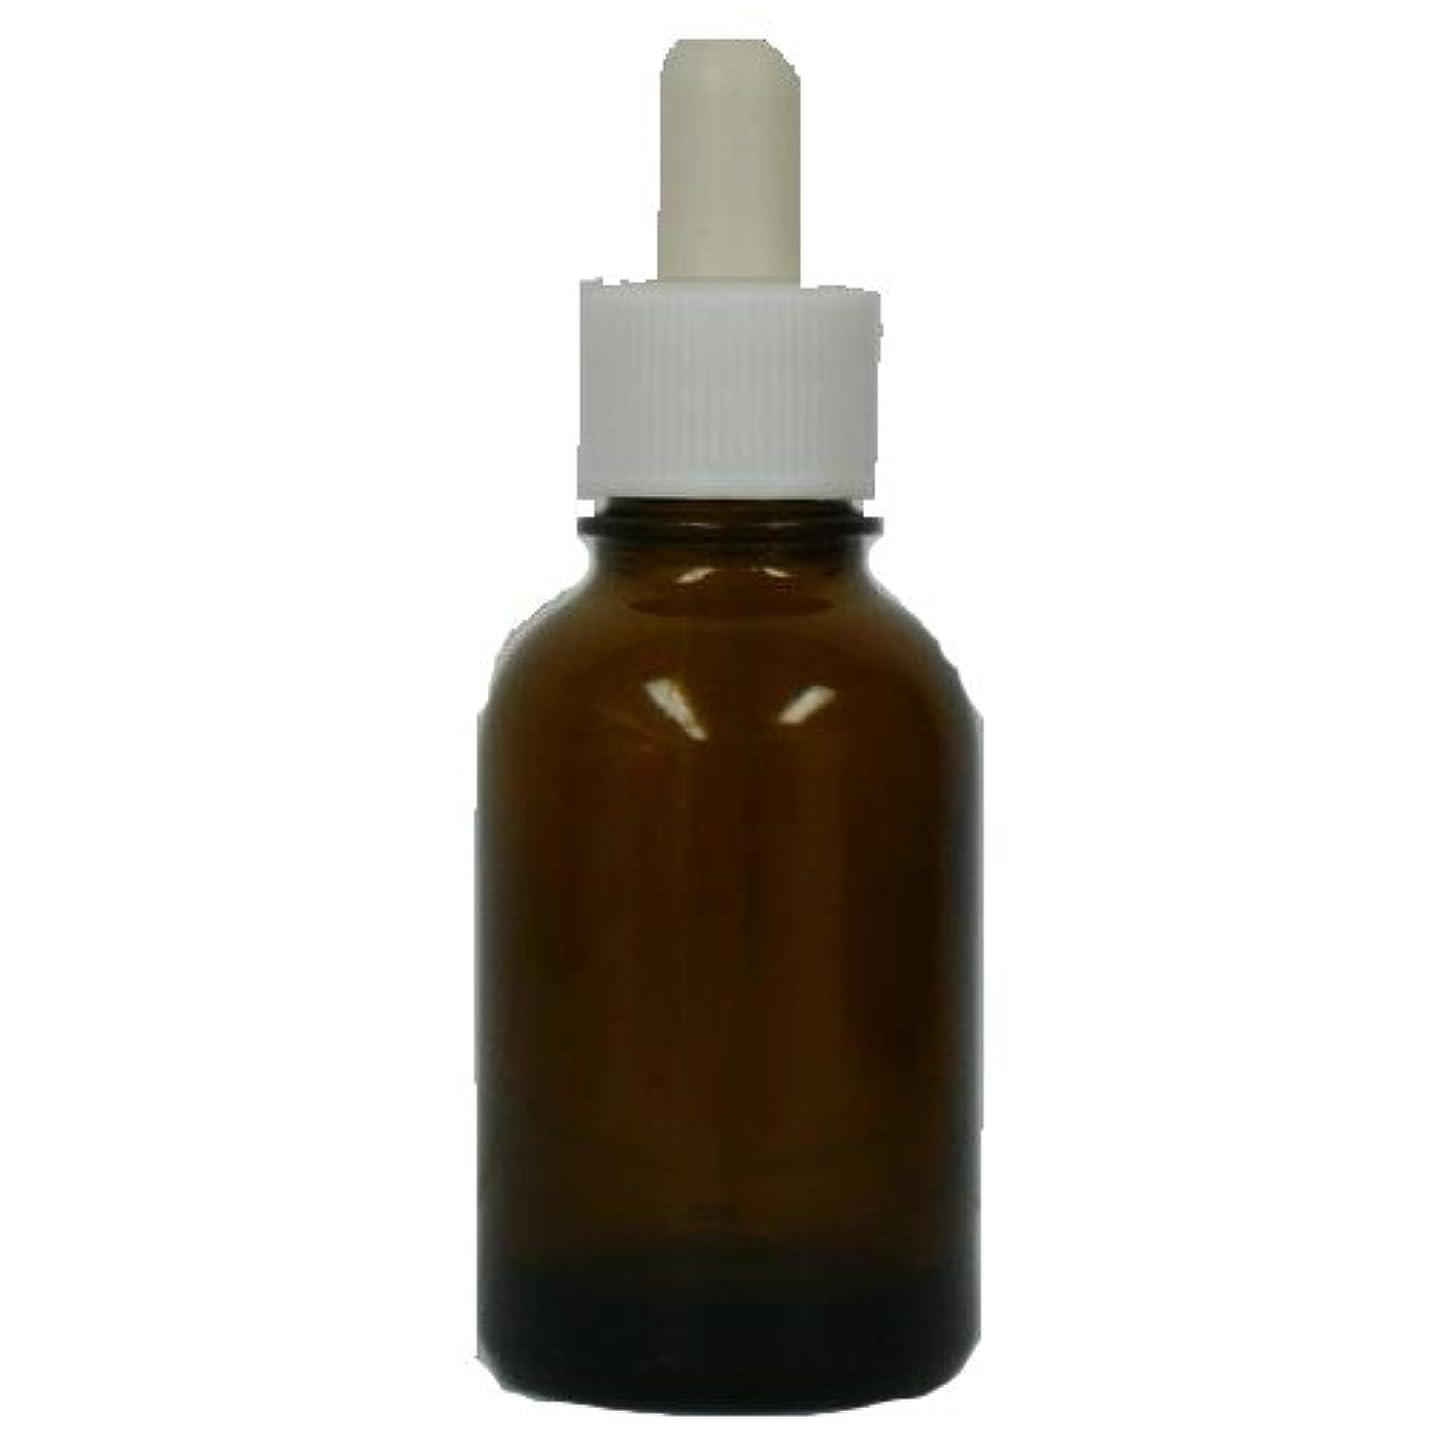 ミキシングボトル ブラウン 30ml